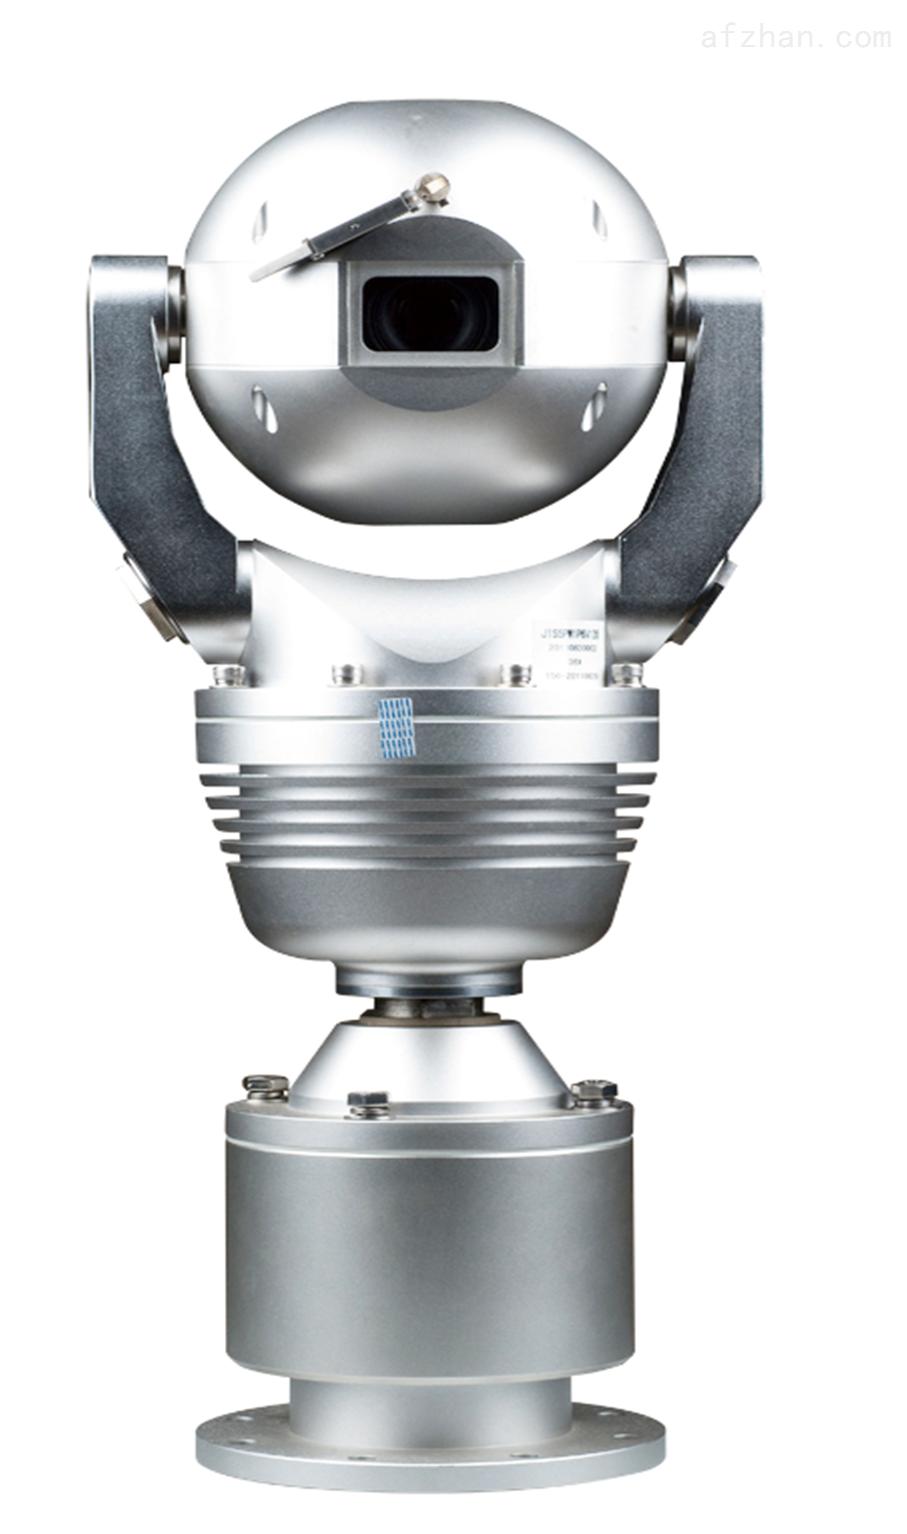 船舶海事防爆机器人型摄像机